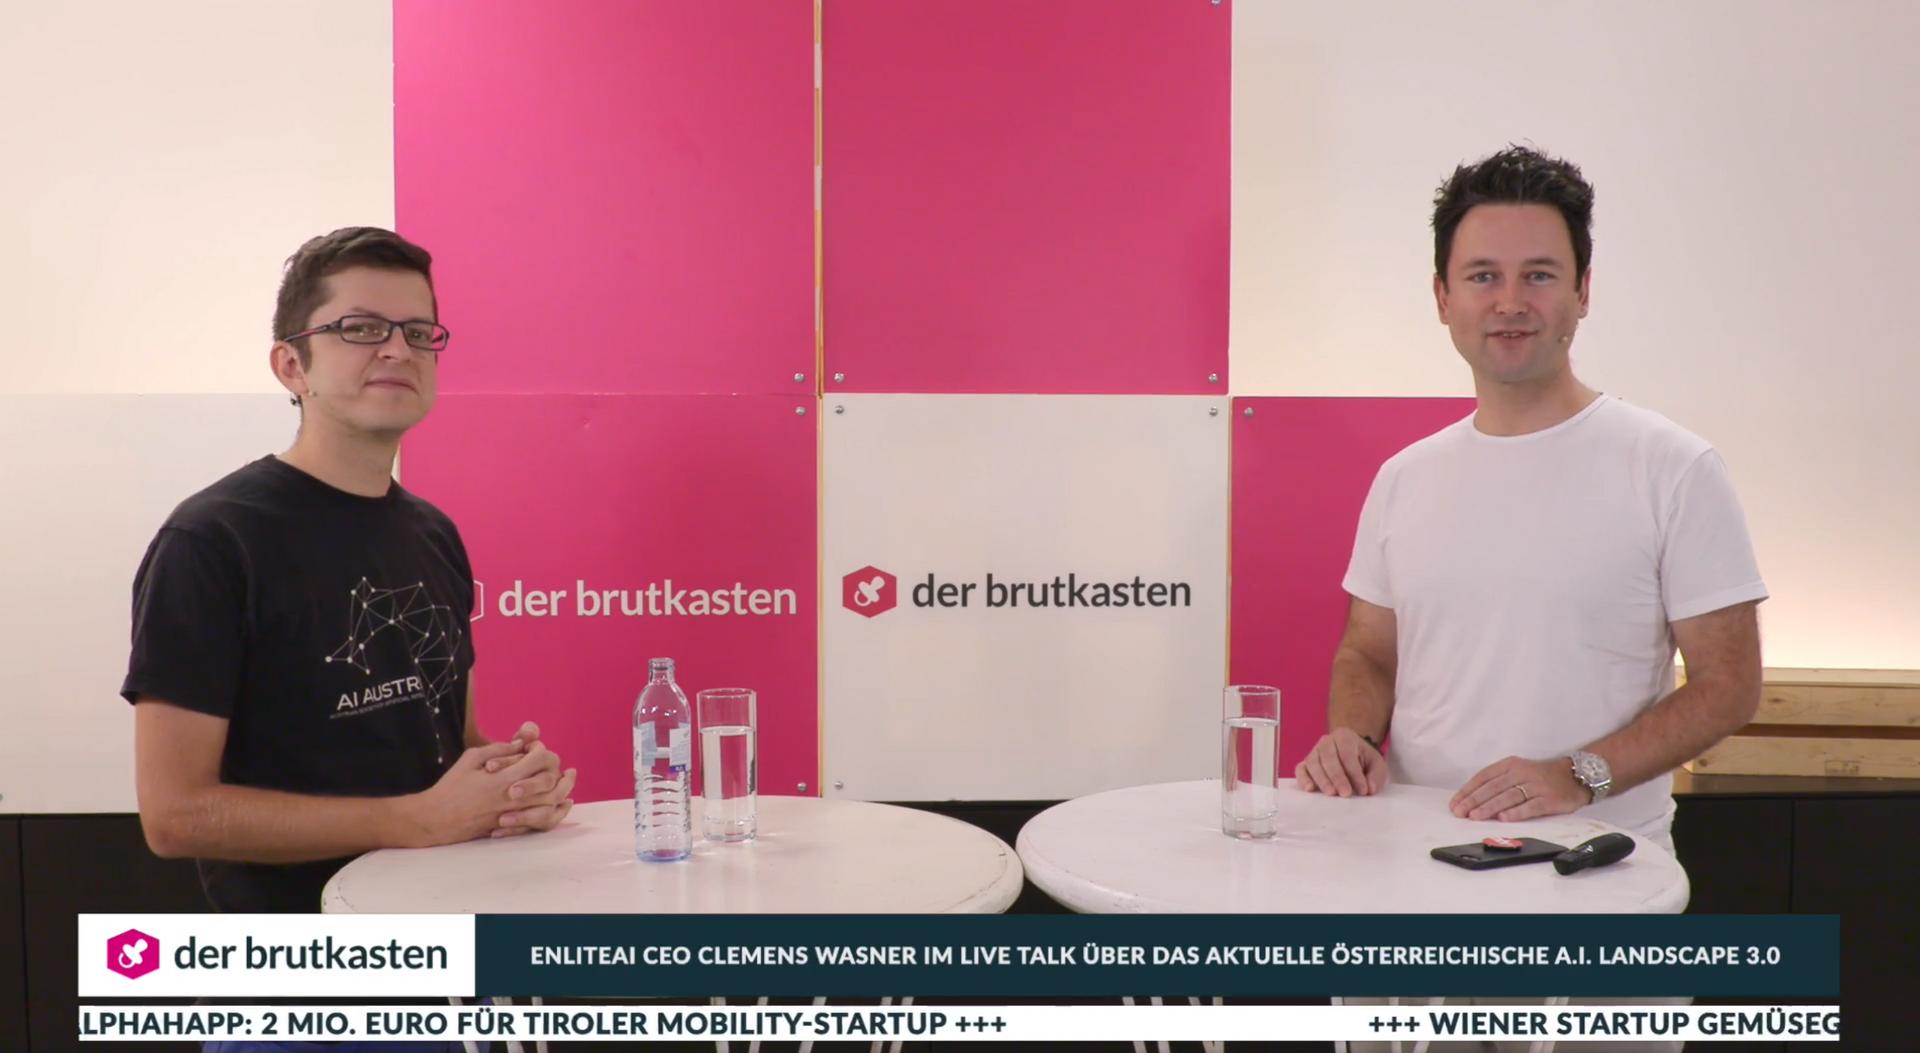 Startup portal der brutkasten interviewed us on the current state of AI in Austria.